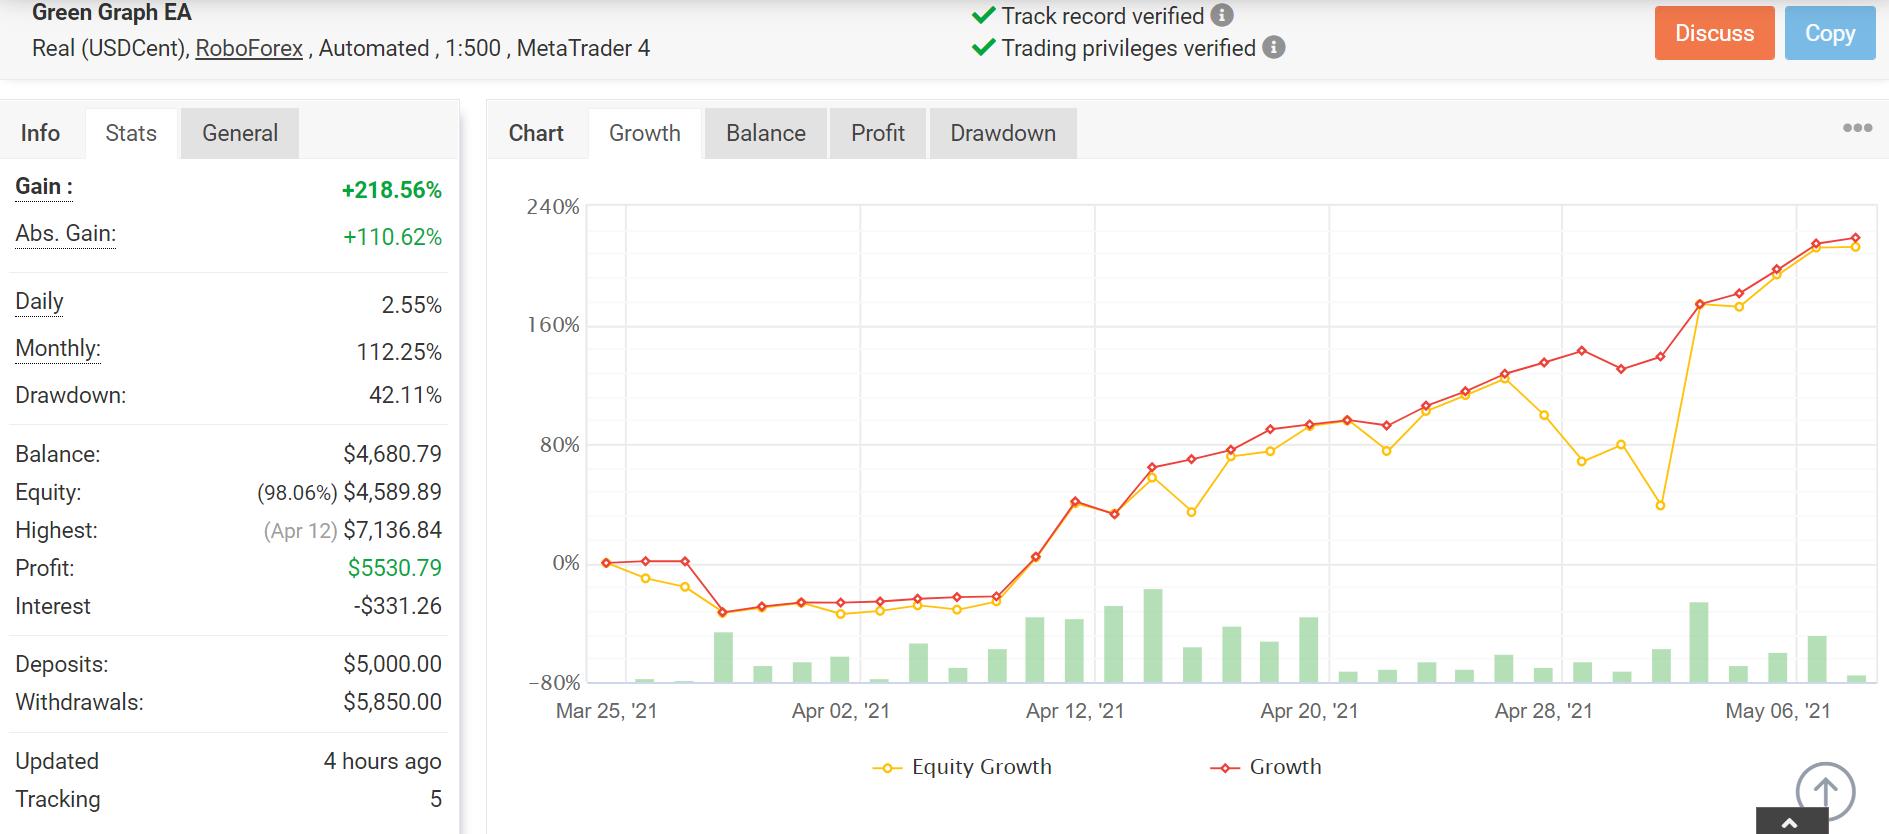 Green Graph EA Myfxbook